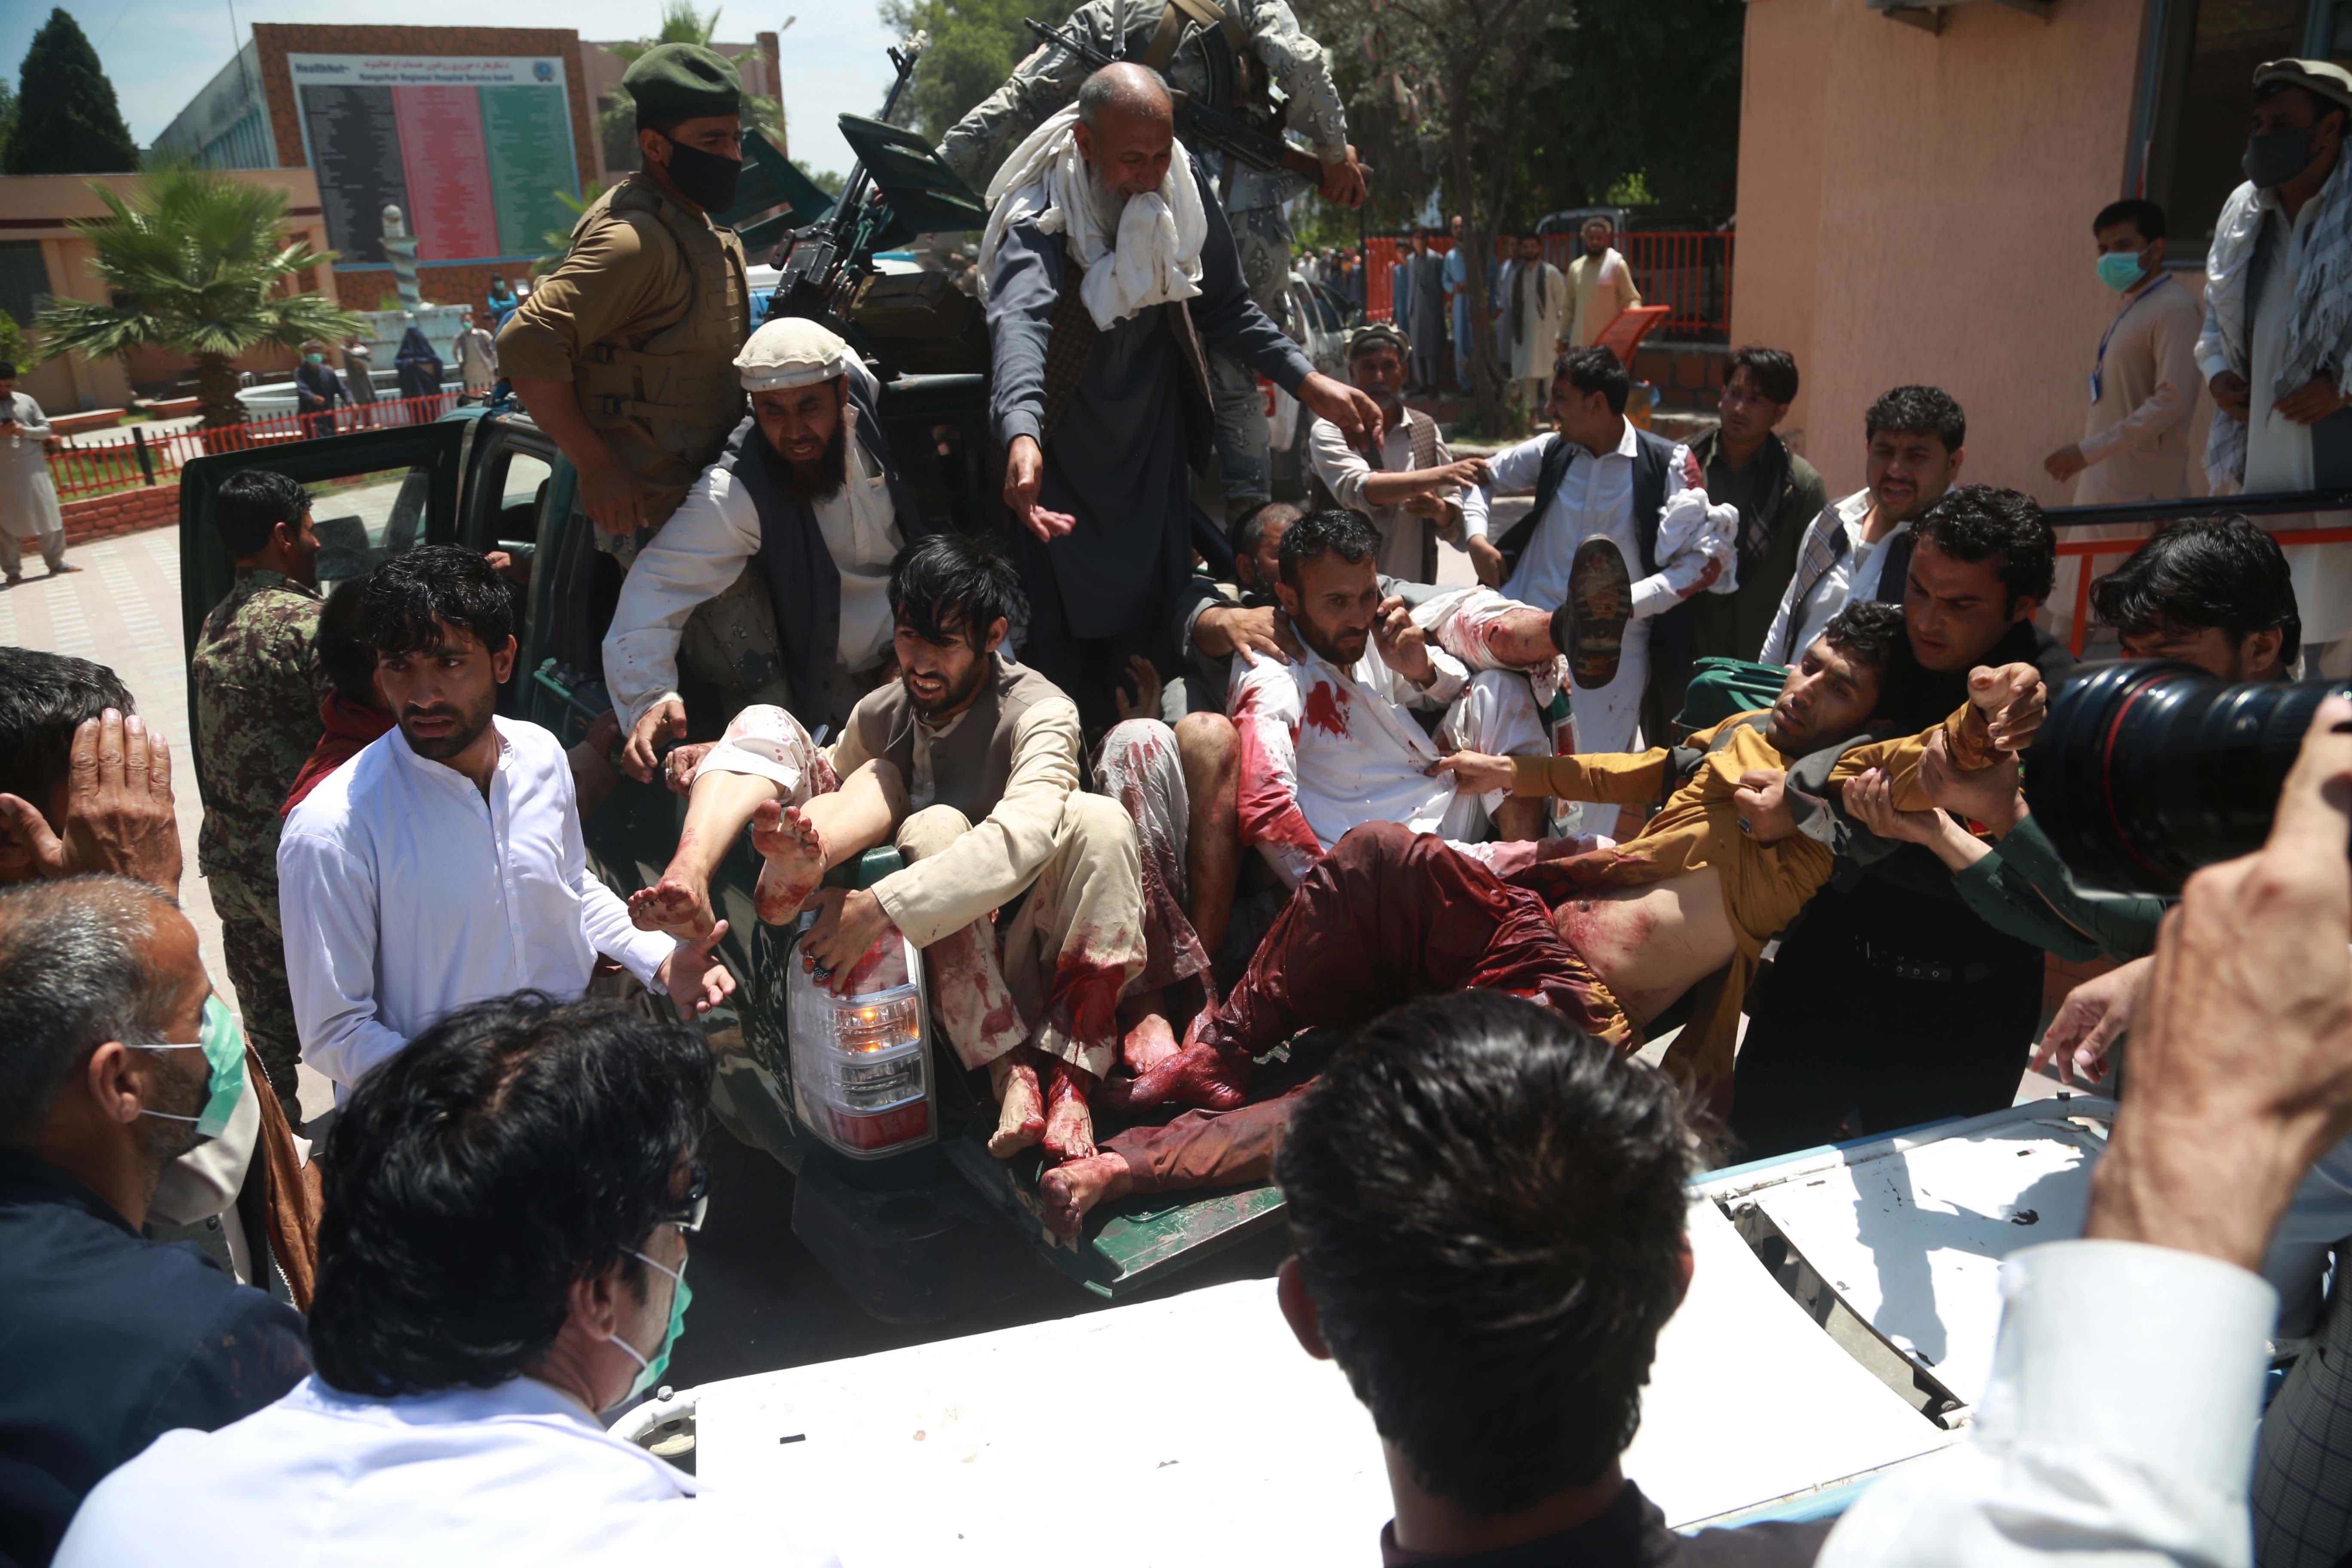 Estado Islámico se atribuye autoría de ataque contra funeral que causó 24 muertos